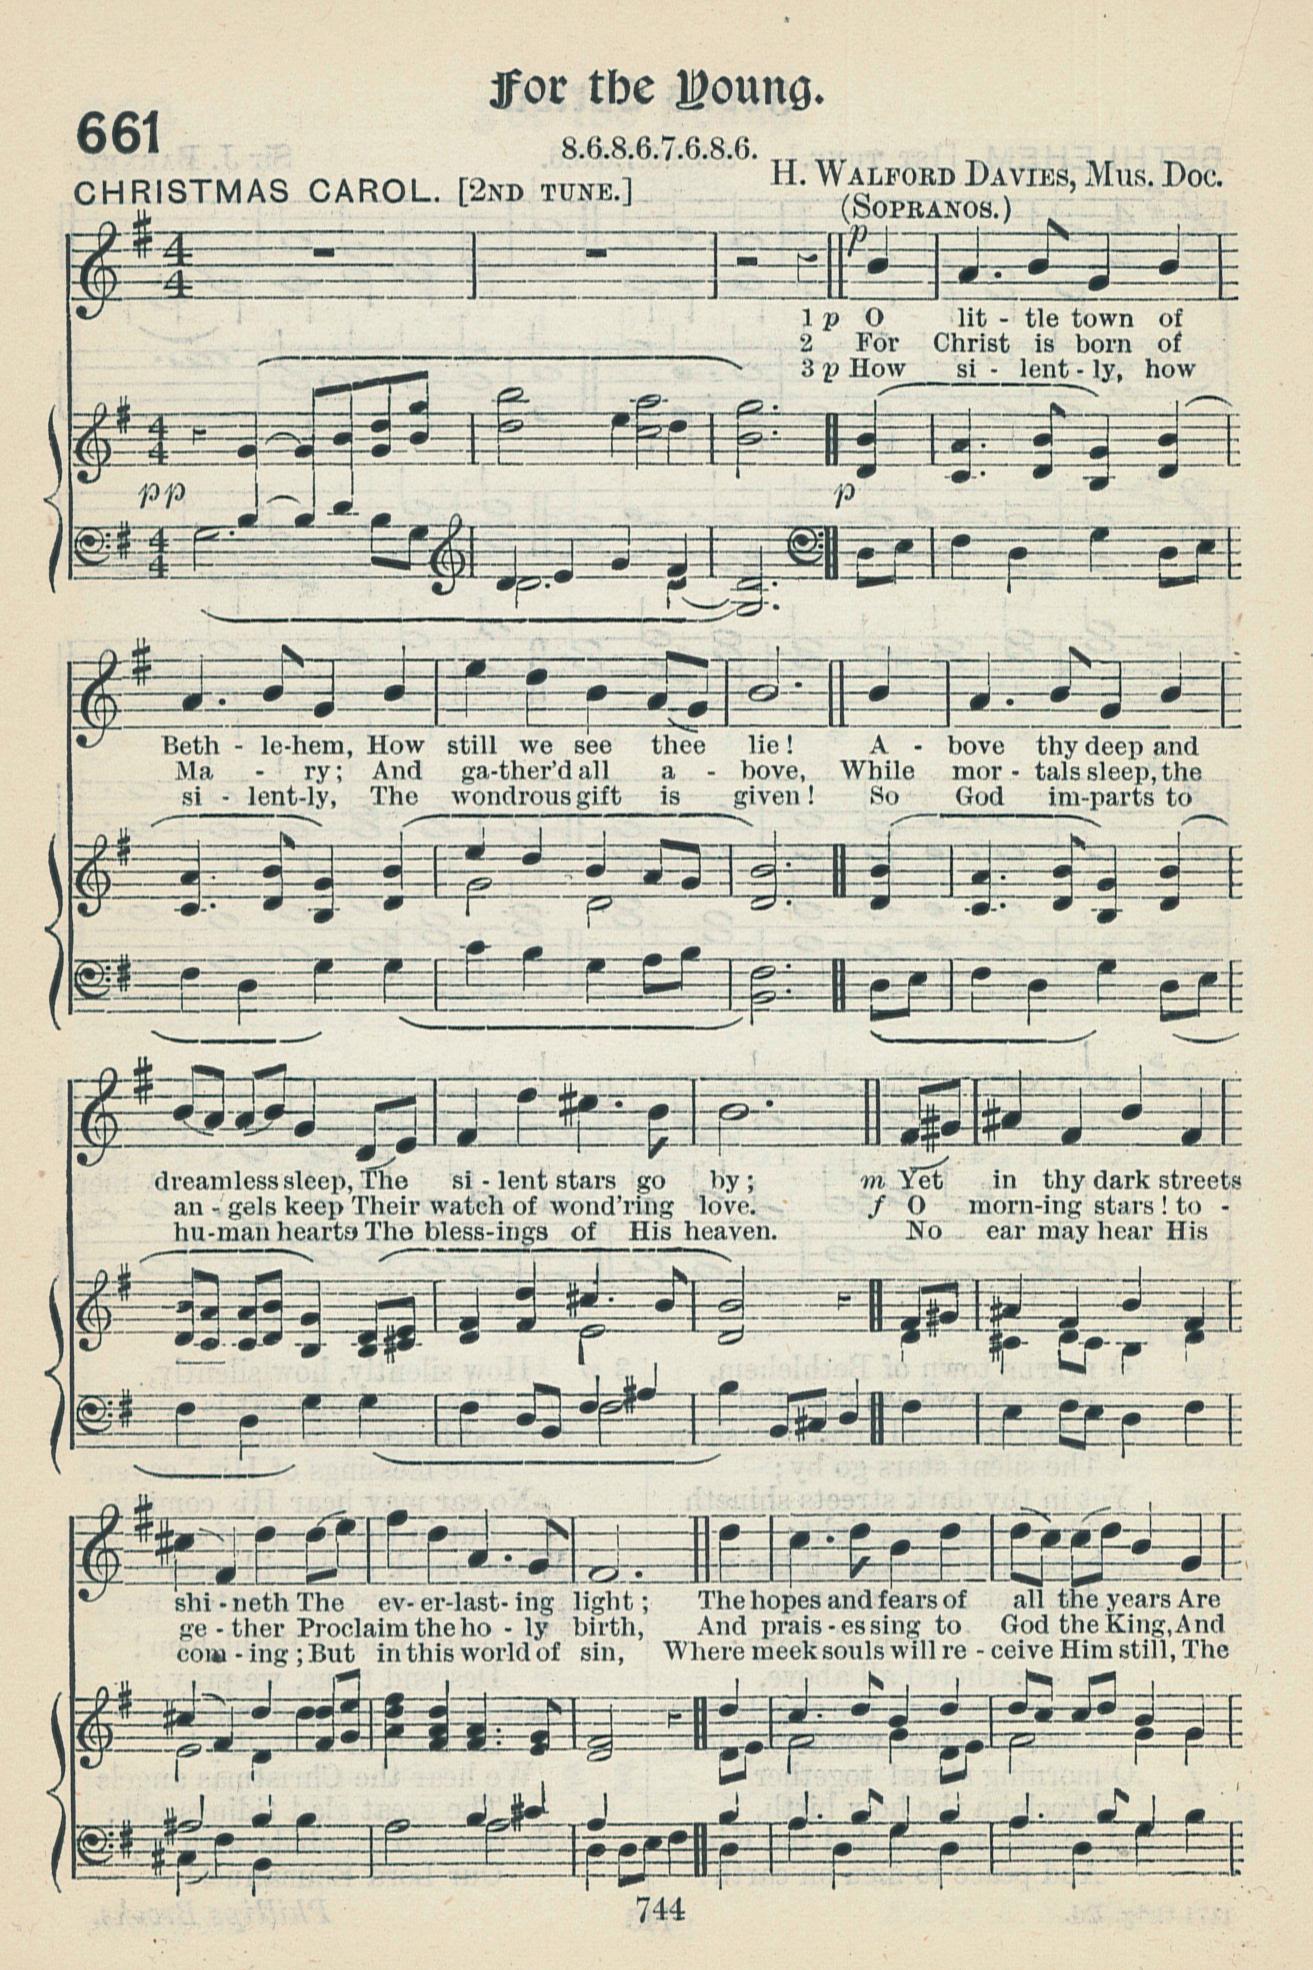 OLittleTown-WorshipSong-1905_002a.jpg